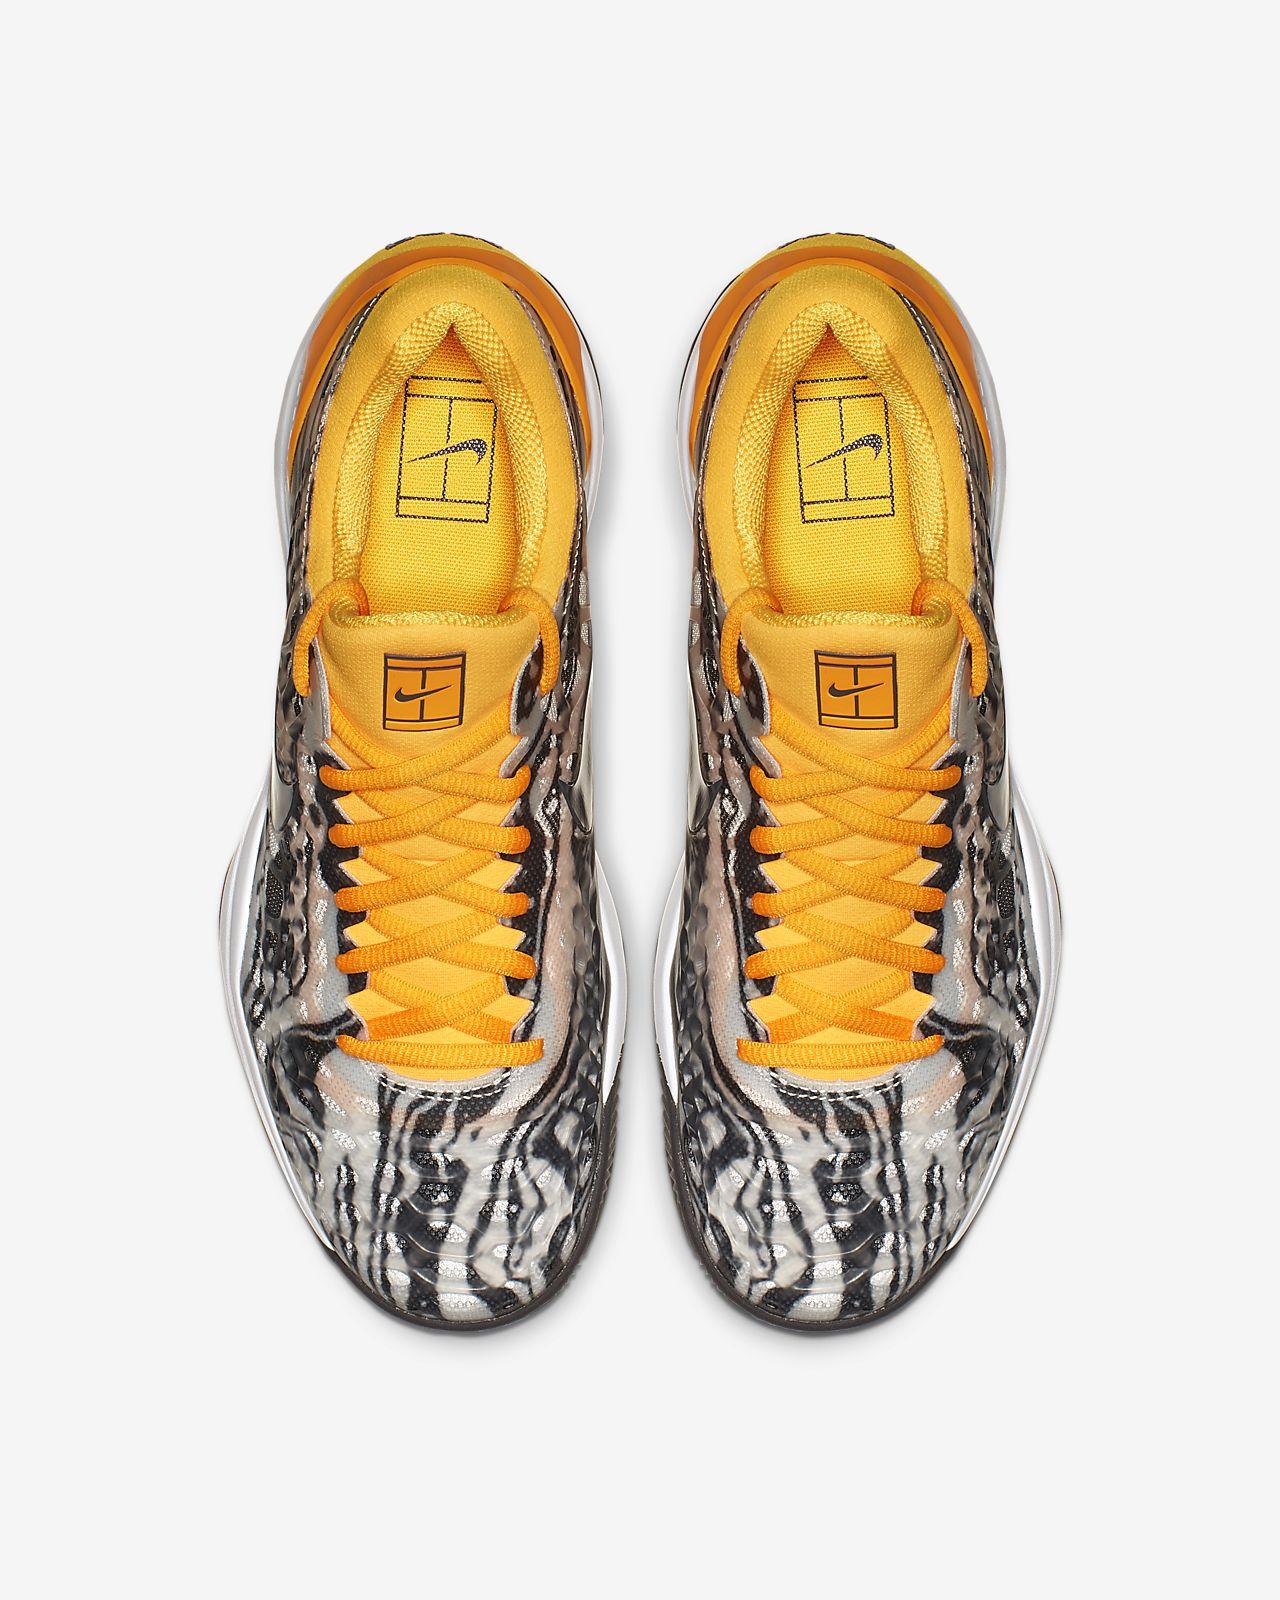 wholesale dealer c3279 b5e97 ... Nike Zoom Cage 3 Clay Men s Tennis Shoe